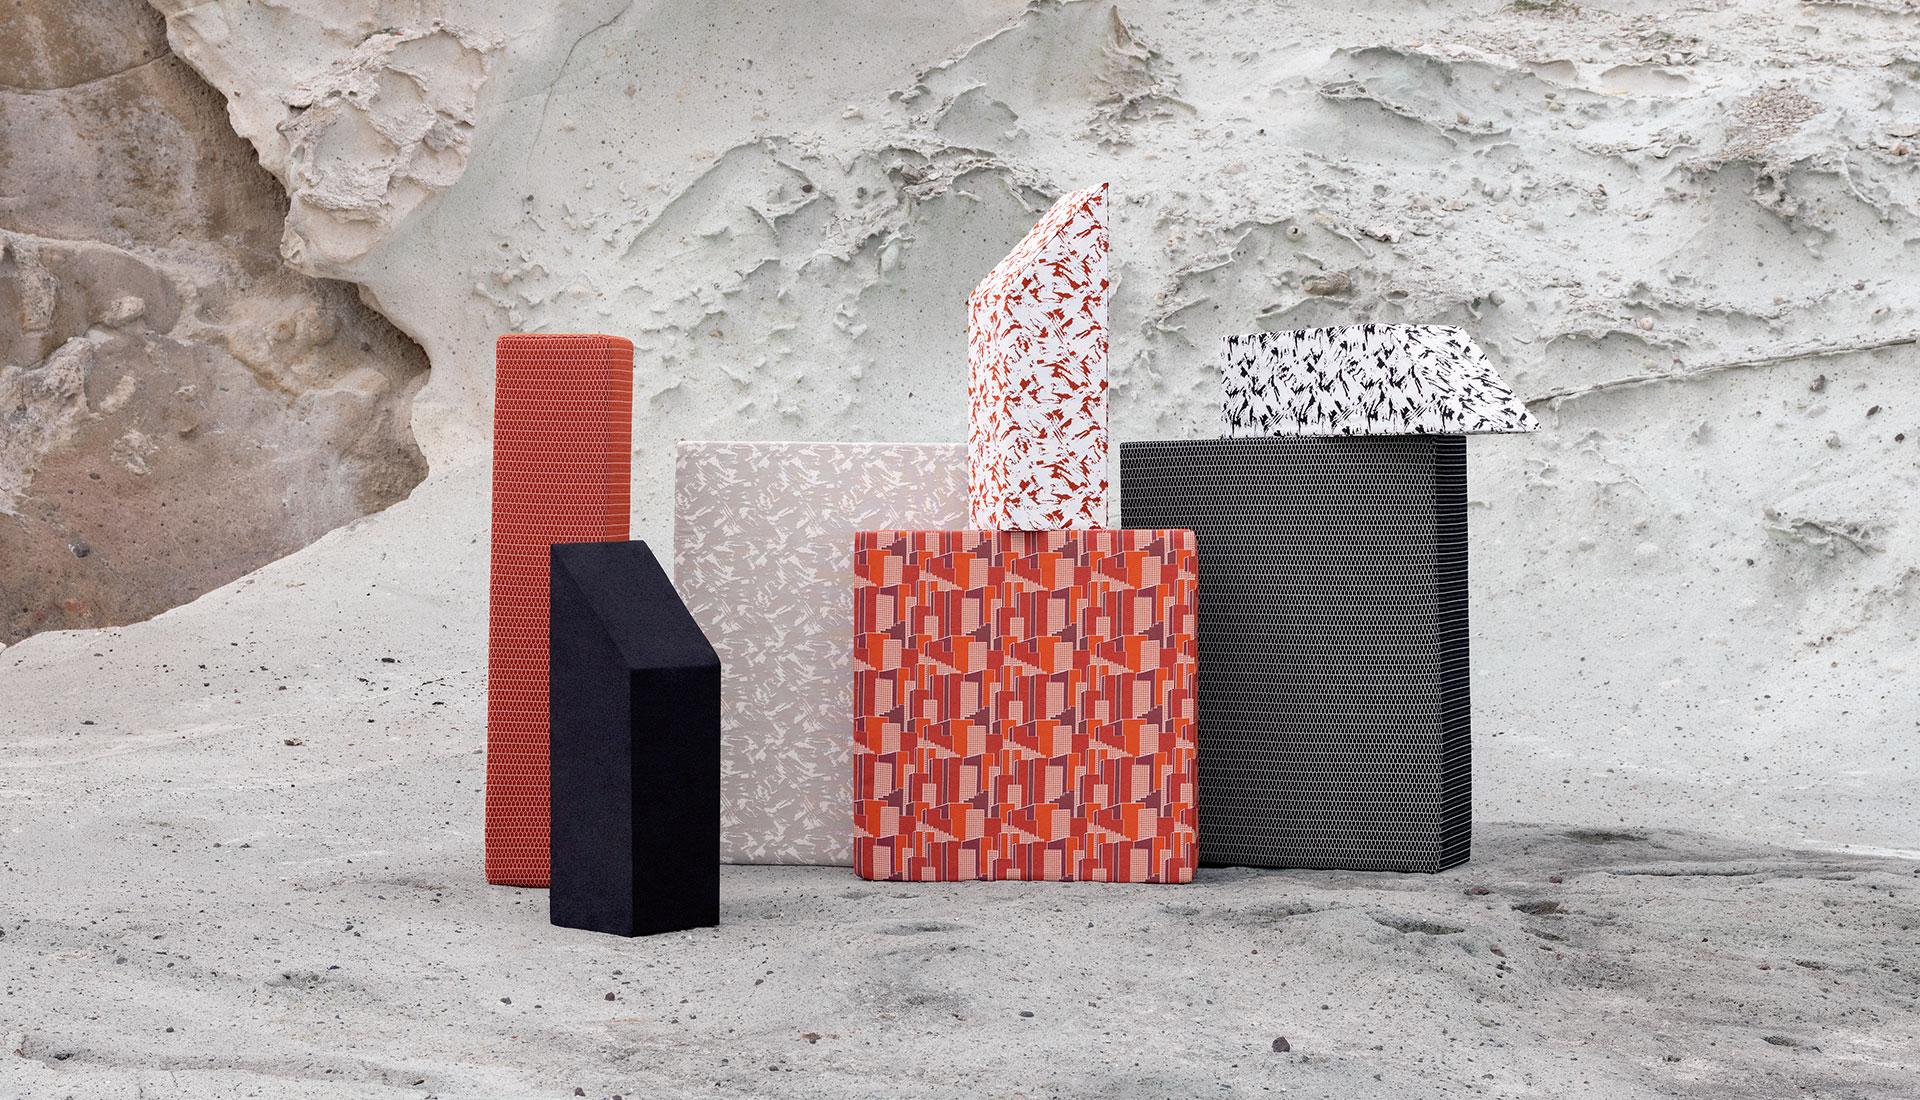 Elitis x Studiopepe: текстиль для улицы в духе итальянской радикальной архитектуры